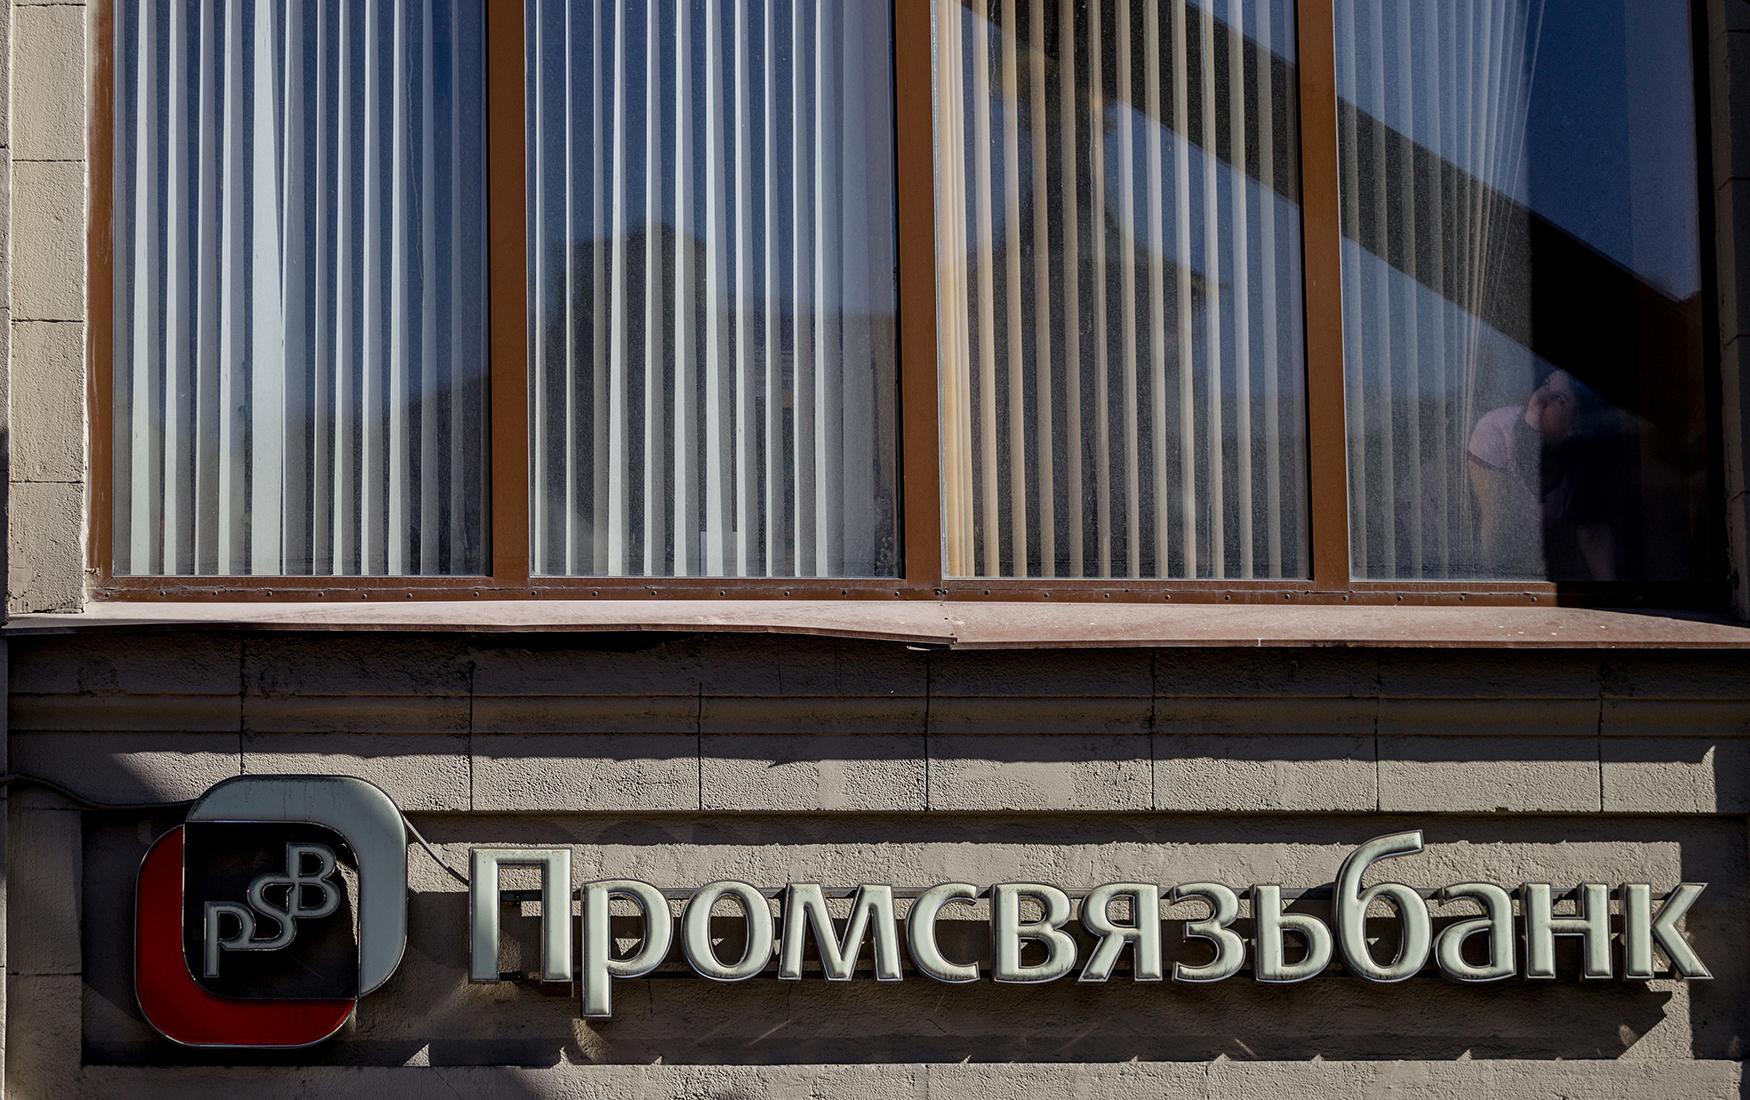 Оборонный бюджет. Правительство вольет в капитал Промсвязьбанка 25 млрд рублей